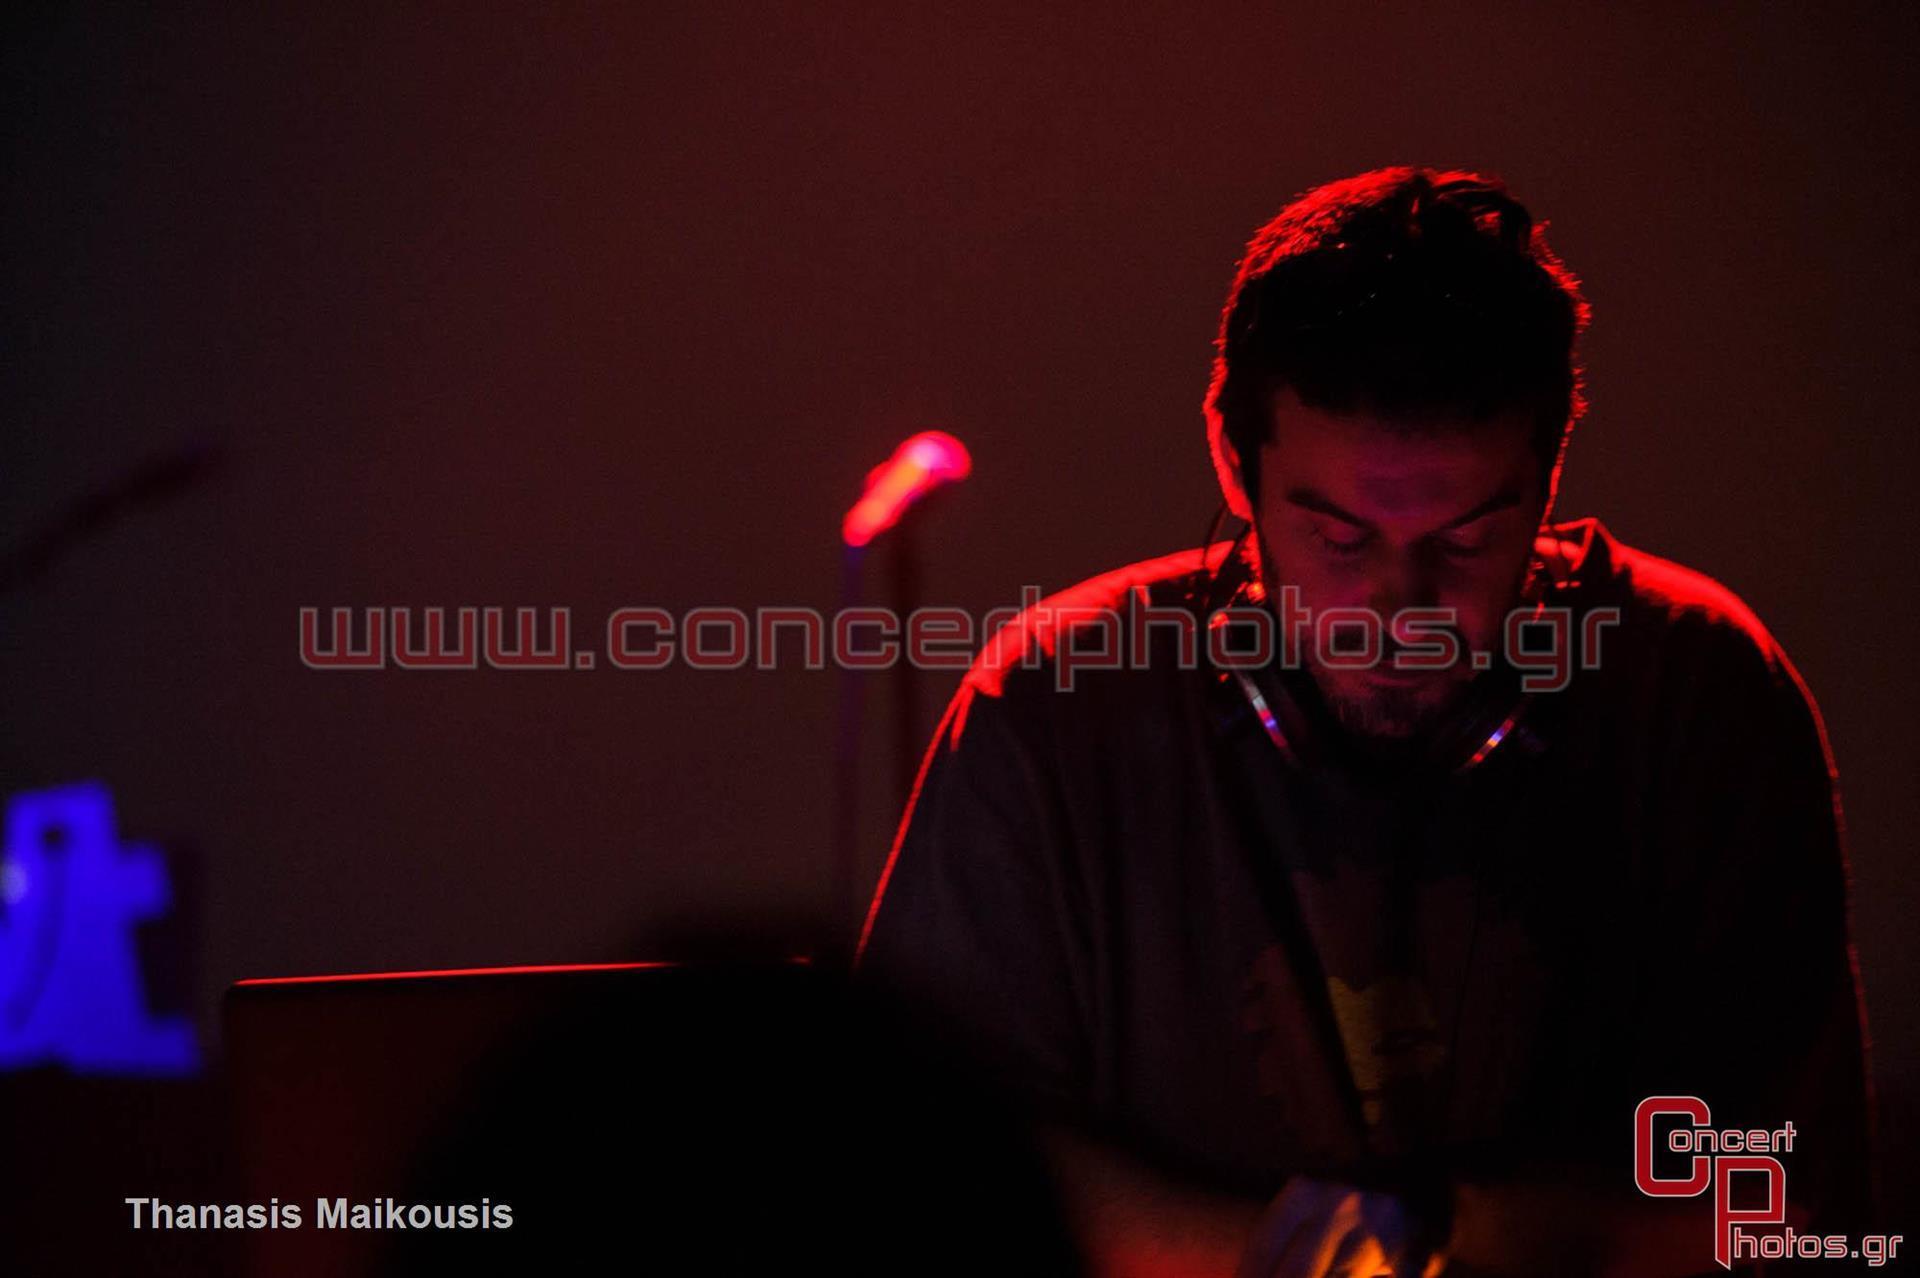 Wax Tailor - photographer: Thanasis Maikousis - ConcertPhotos-7537